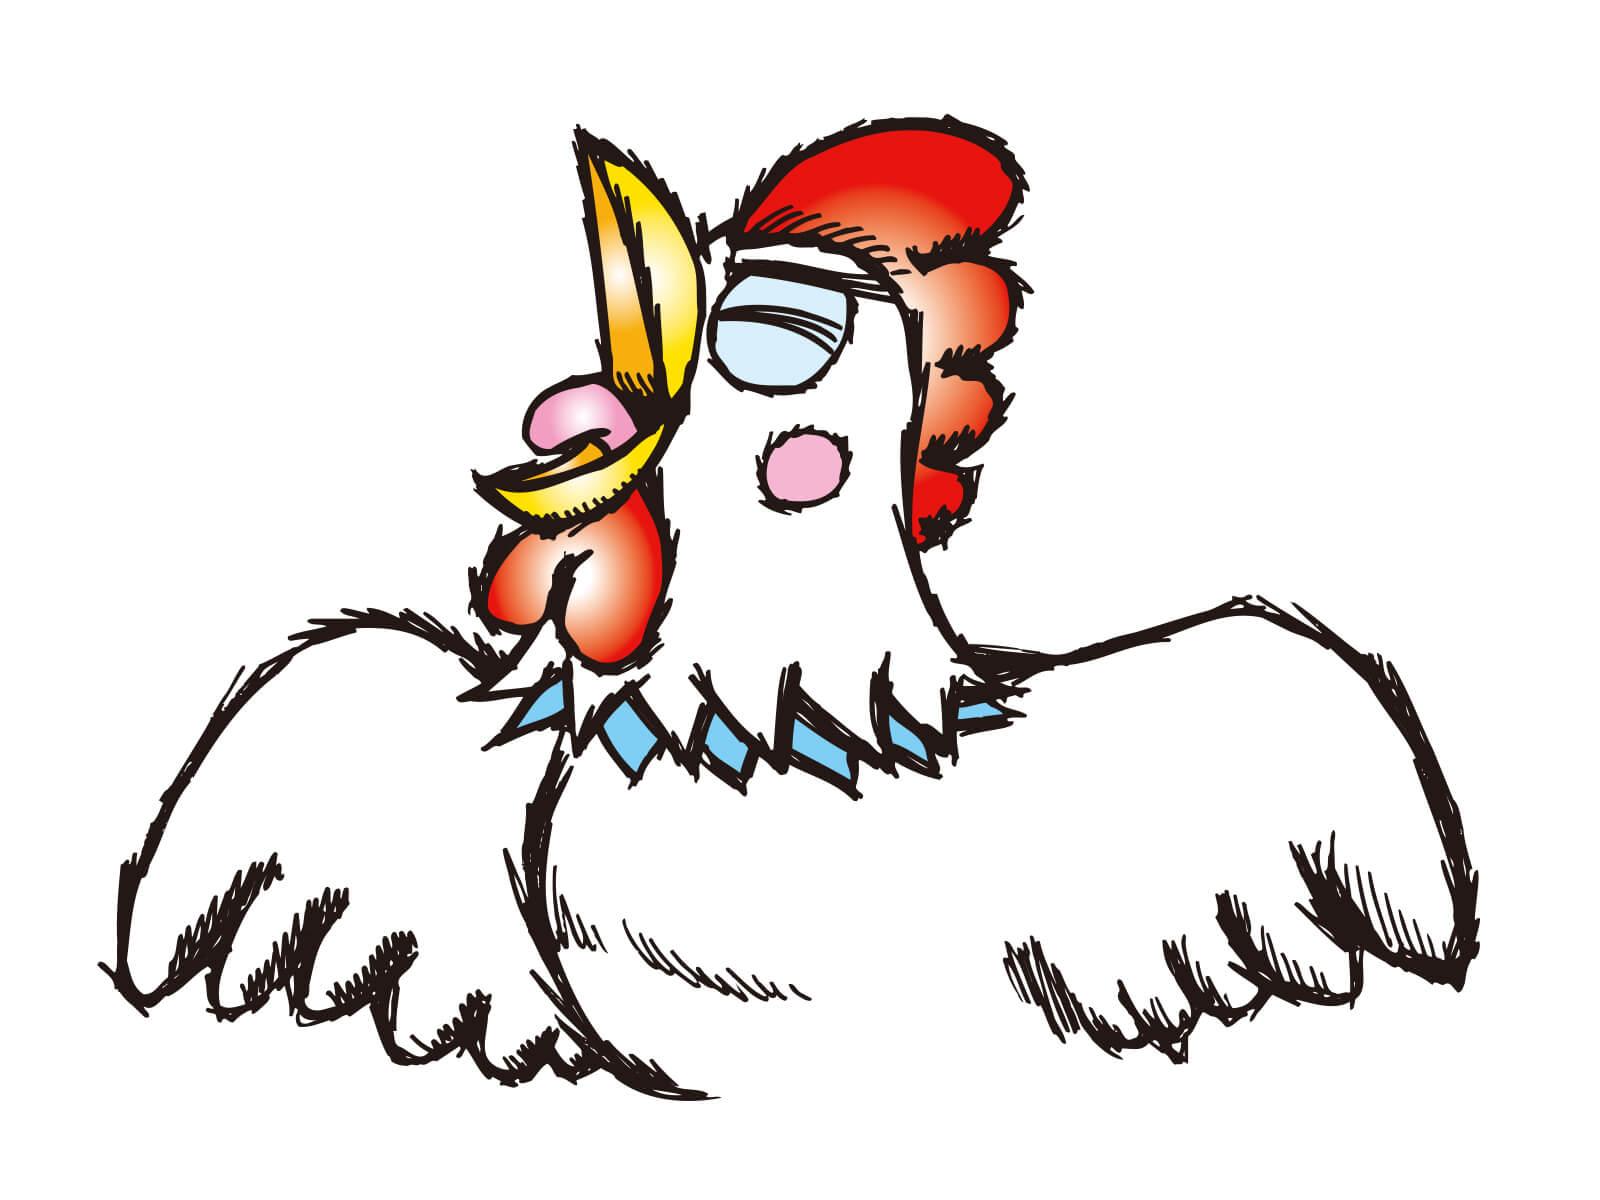 【オノマトペ】コケコッコーの意味と例文